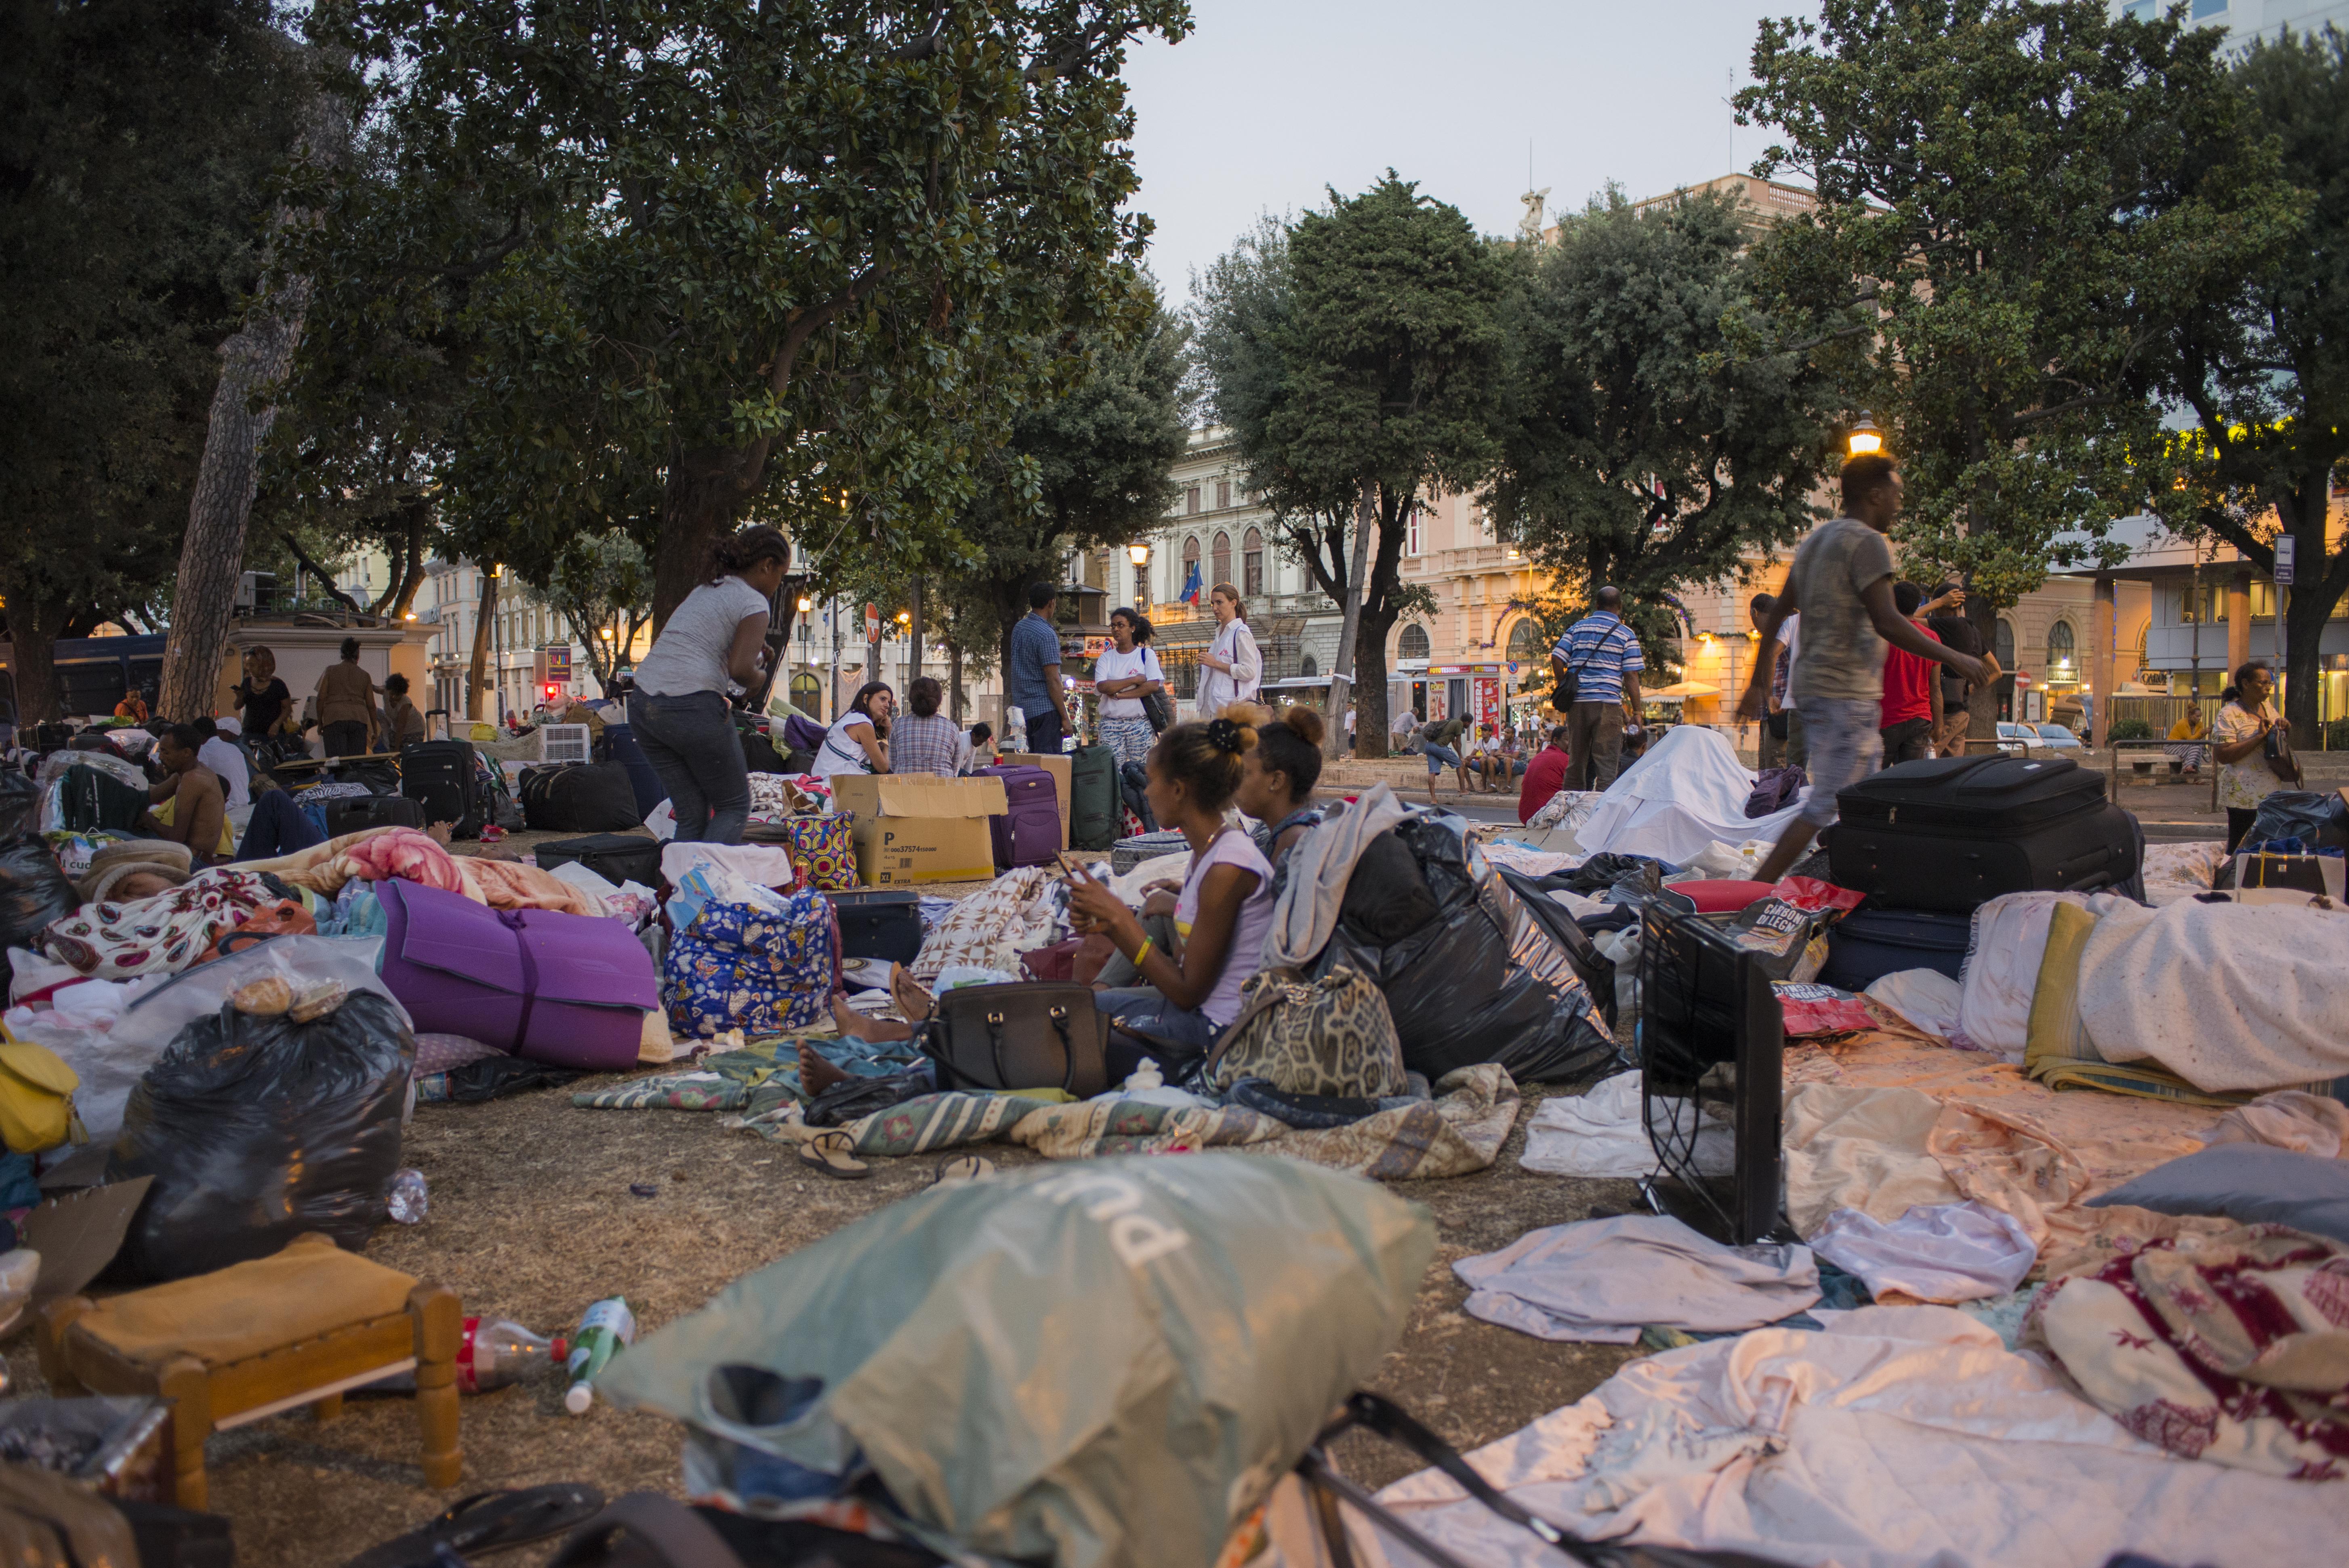 Famiglie eritree e somale trascorrono la sera nella piazza poco distante dalla Stazione Termini con i pochi oggetti personali che hanno potuto portare con loro (foto: Federica Mameli)